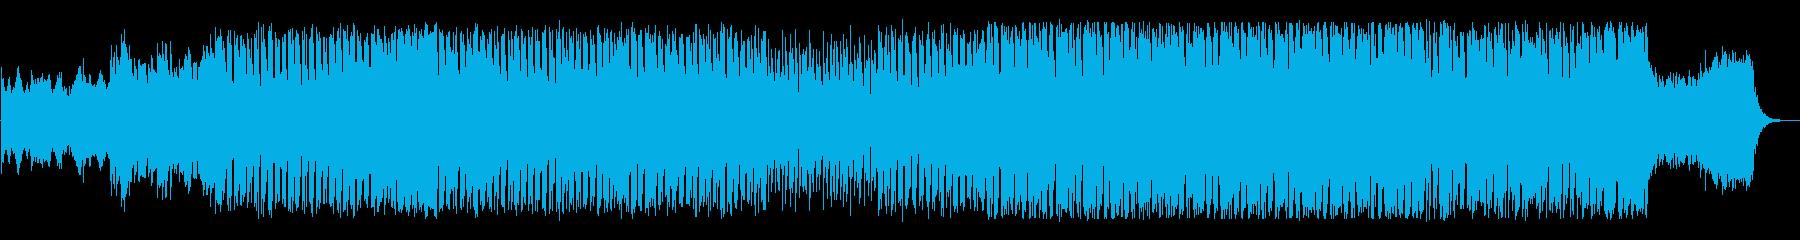 未来的なテクノ調でリズム感のある曲の再生済みの波形